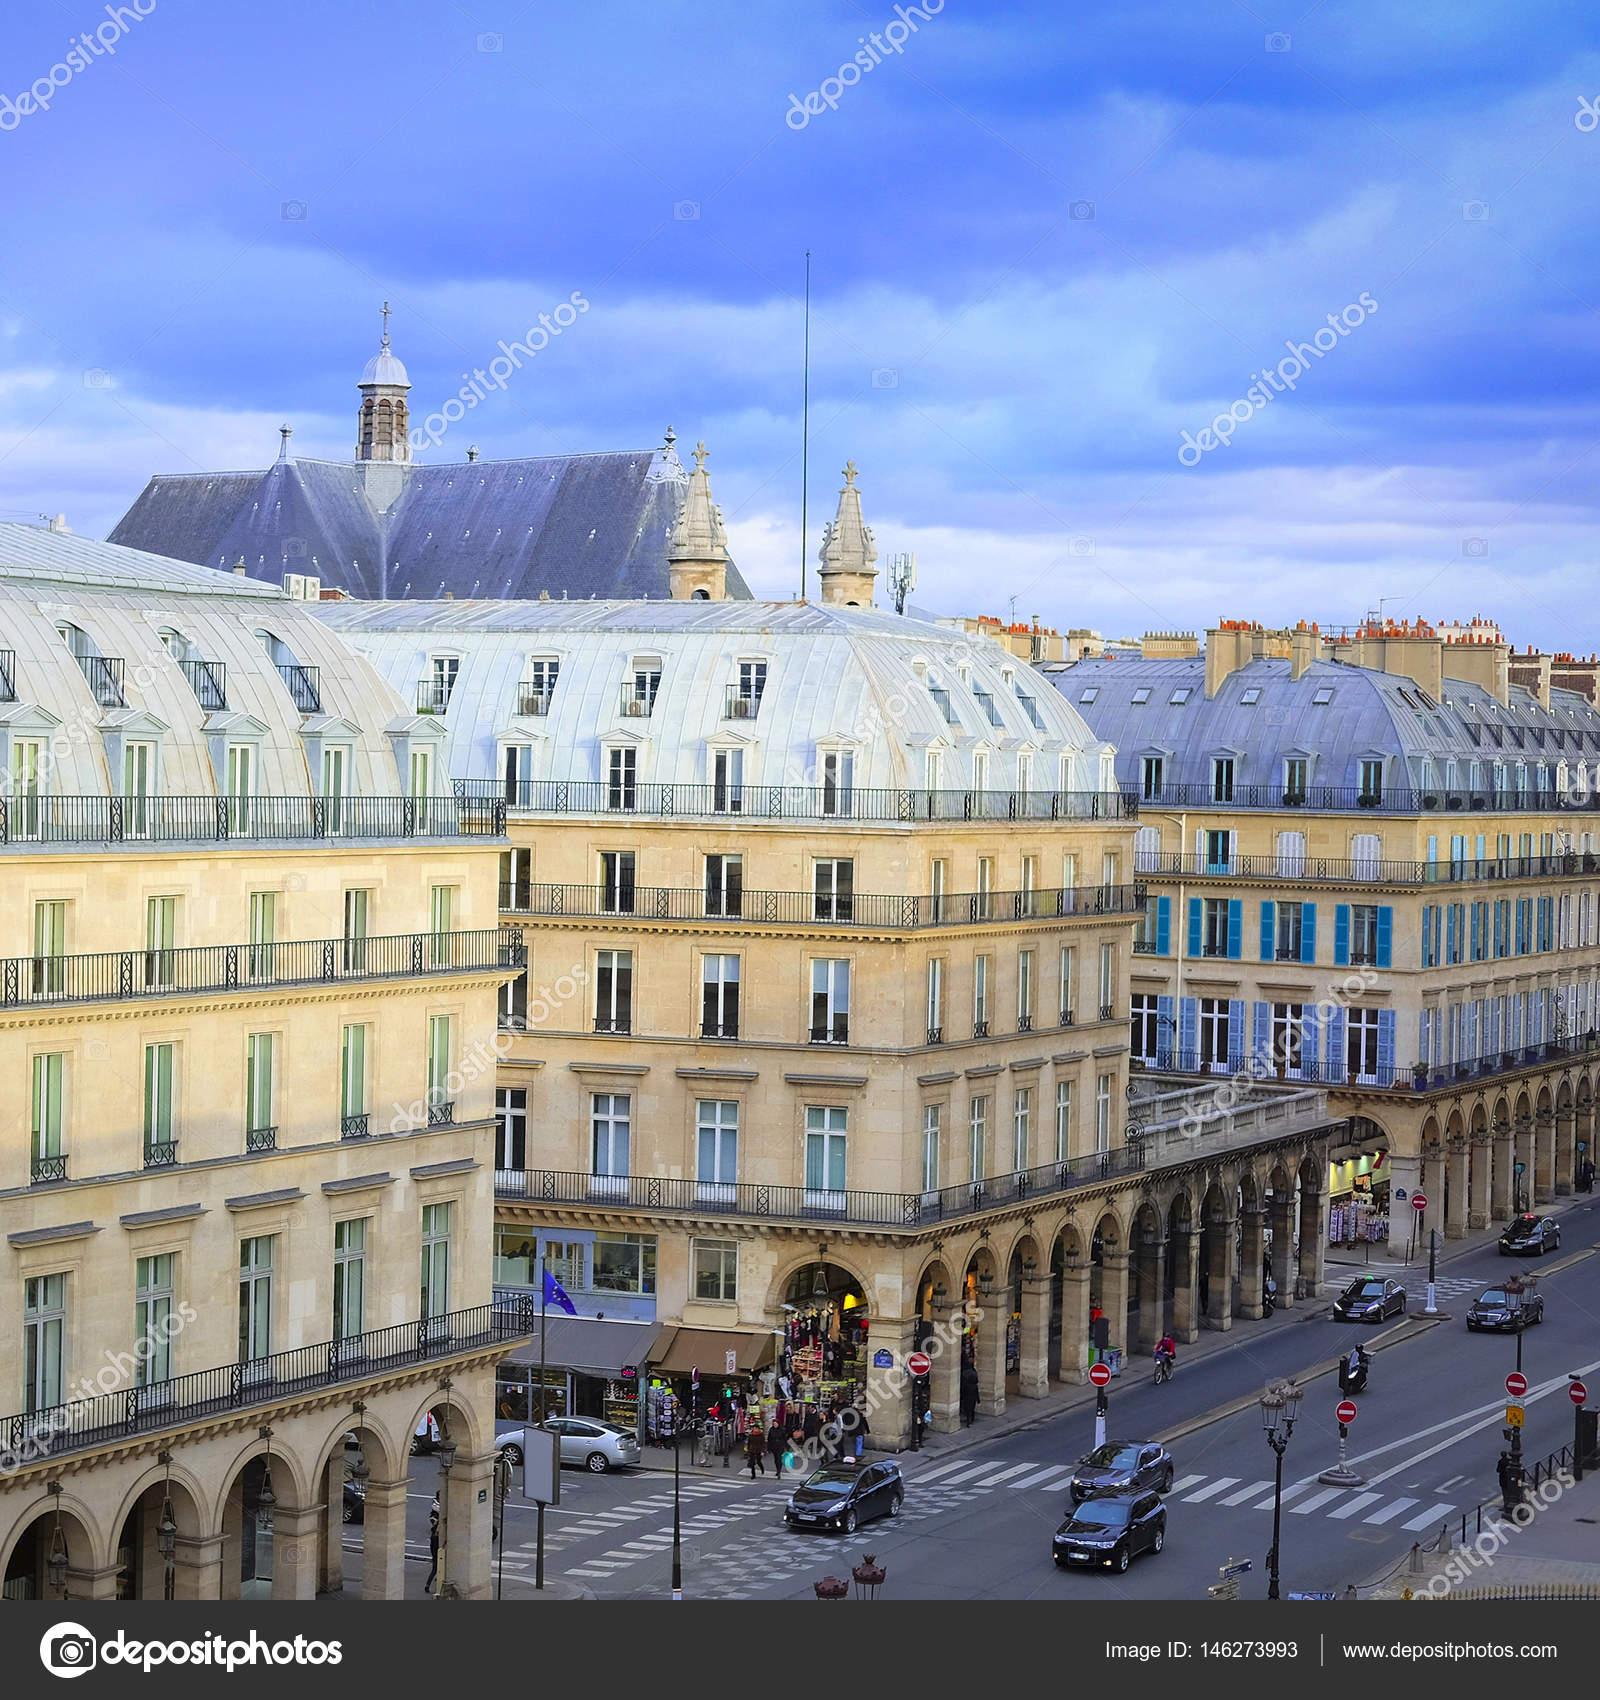 580b6c1ee075 pohled z Louvru na ulici v centru Paříže - Stock Editorial Foto ...